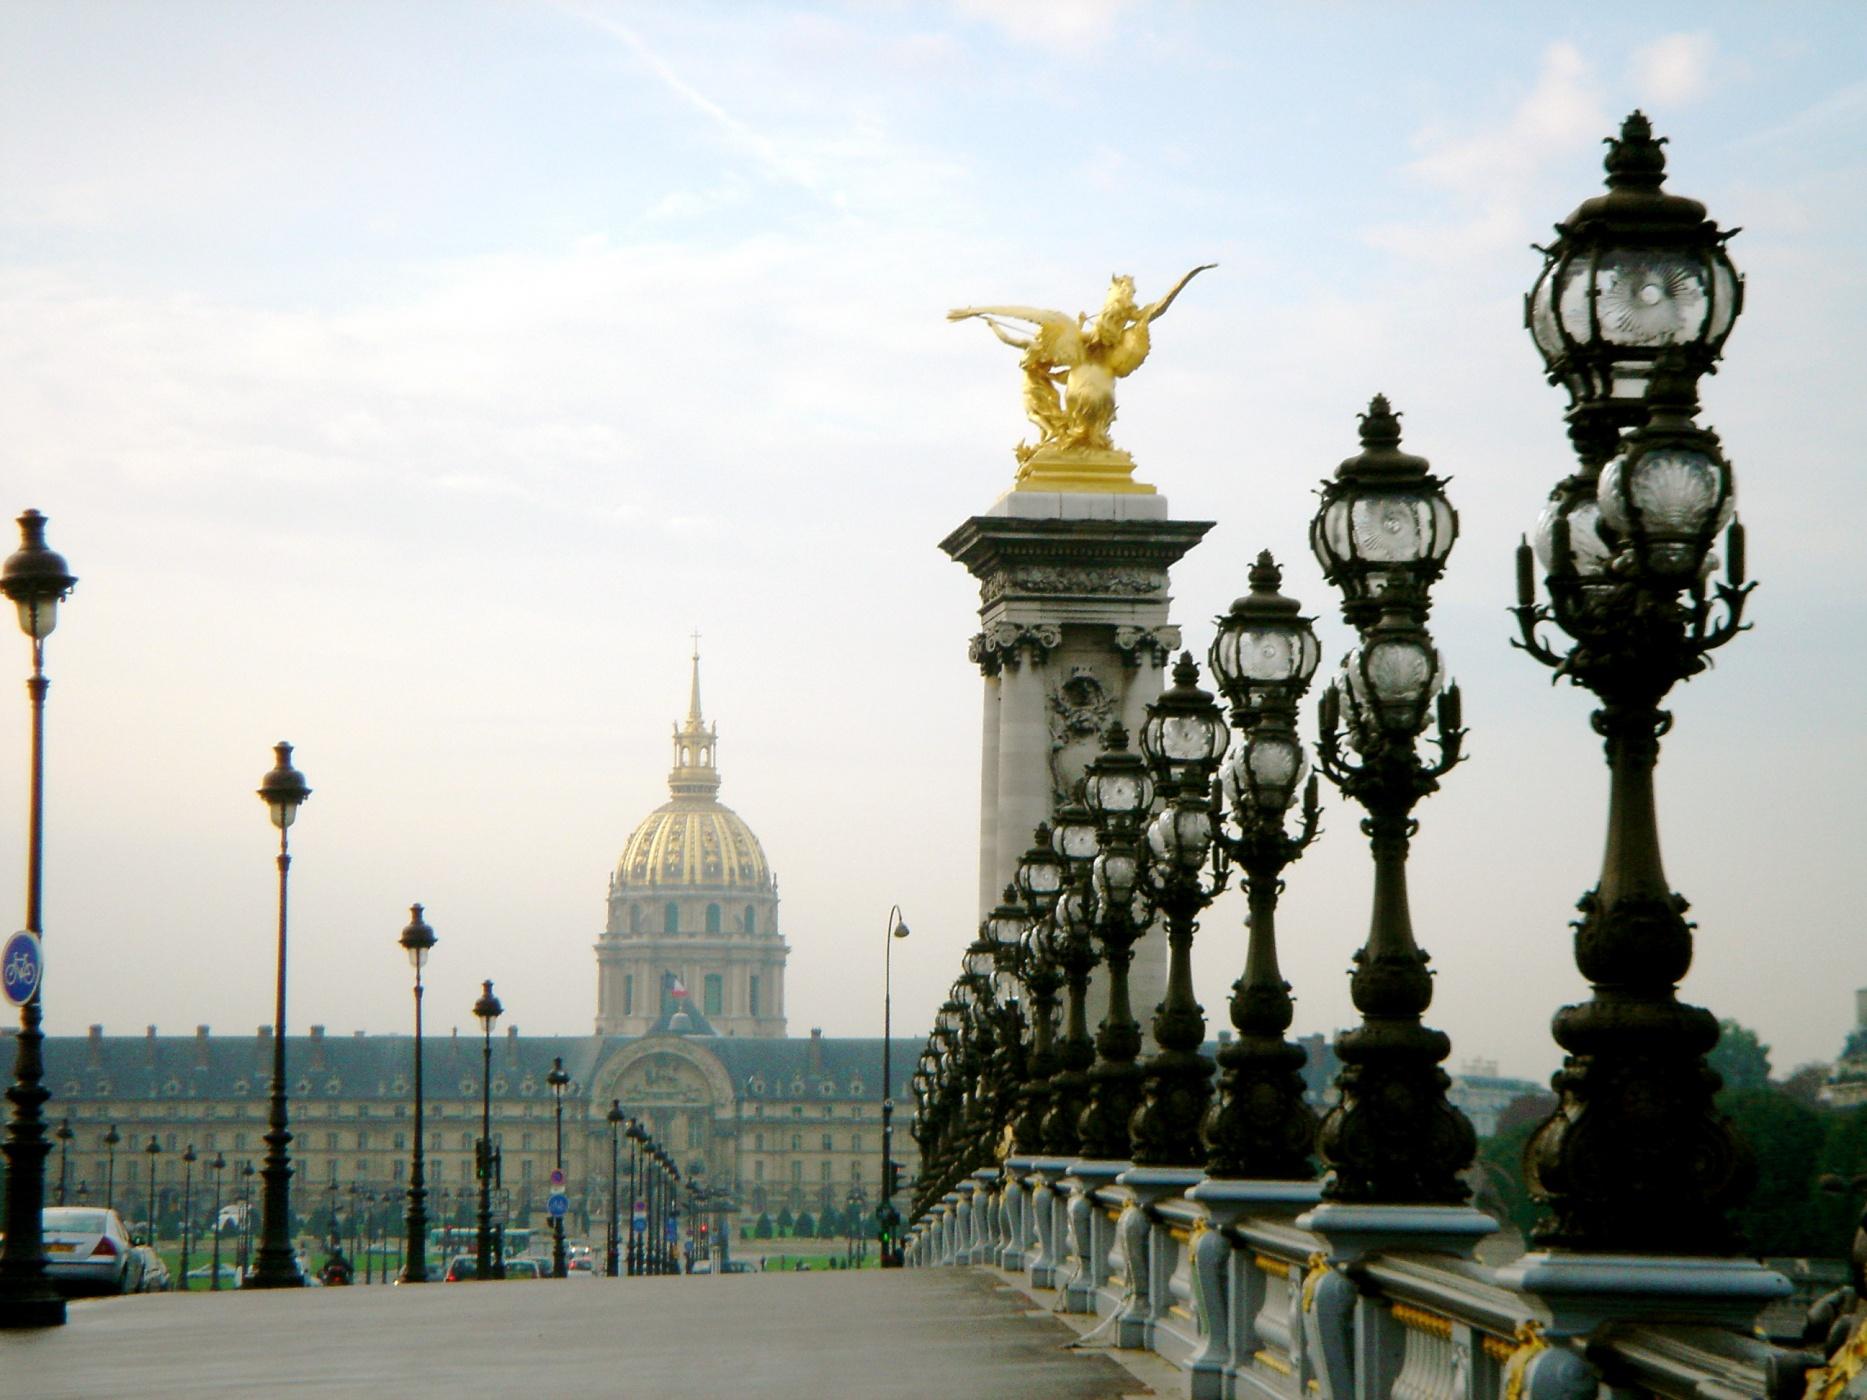 c3407ae7cc696a25a13bb6124e273737 Париж. Легендарный Мост Александра III.